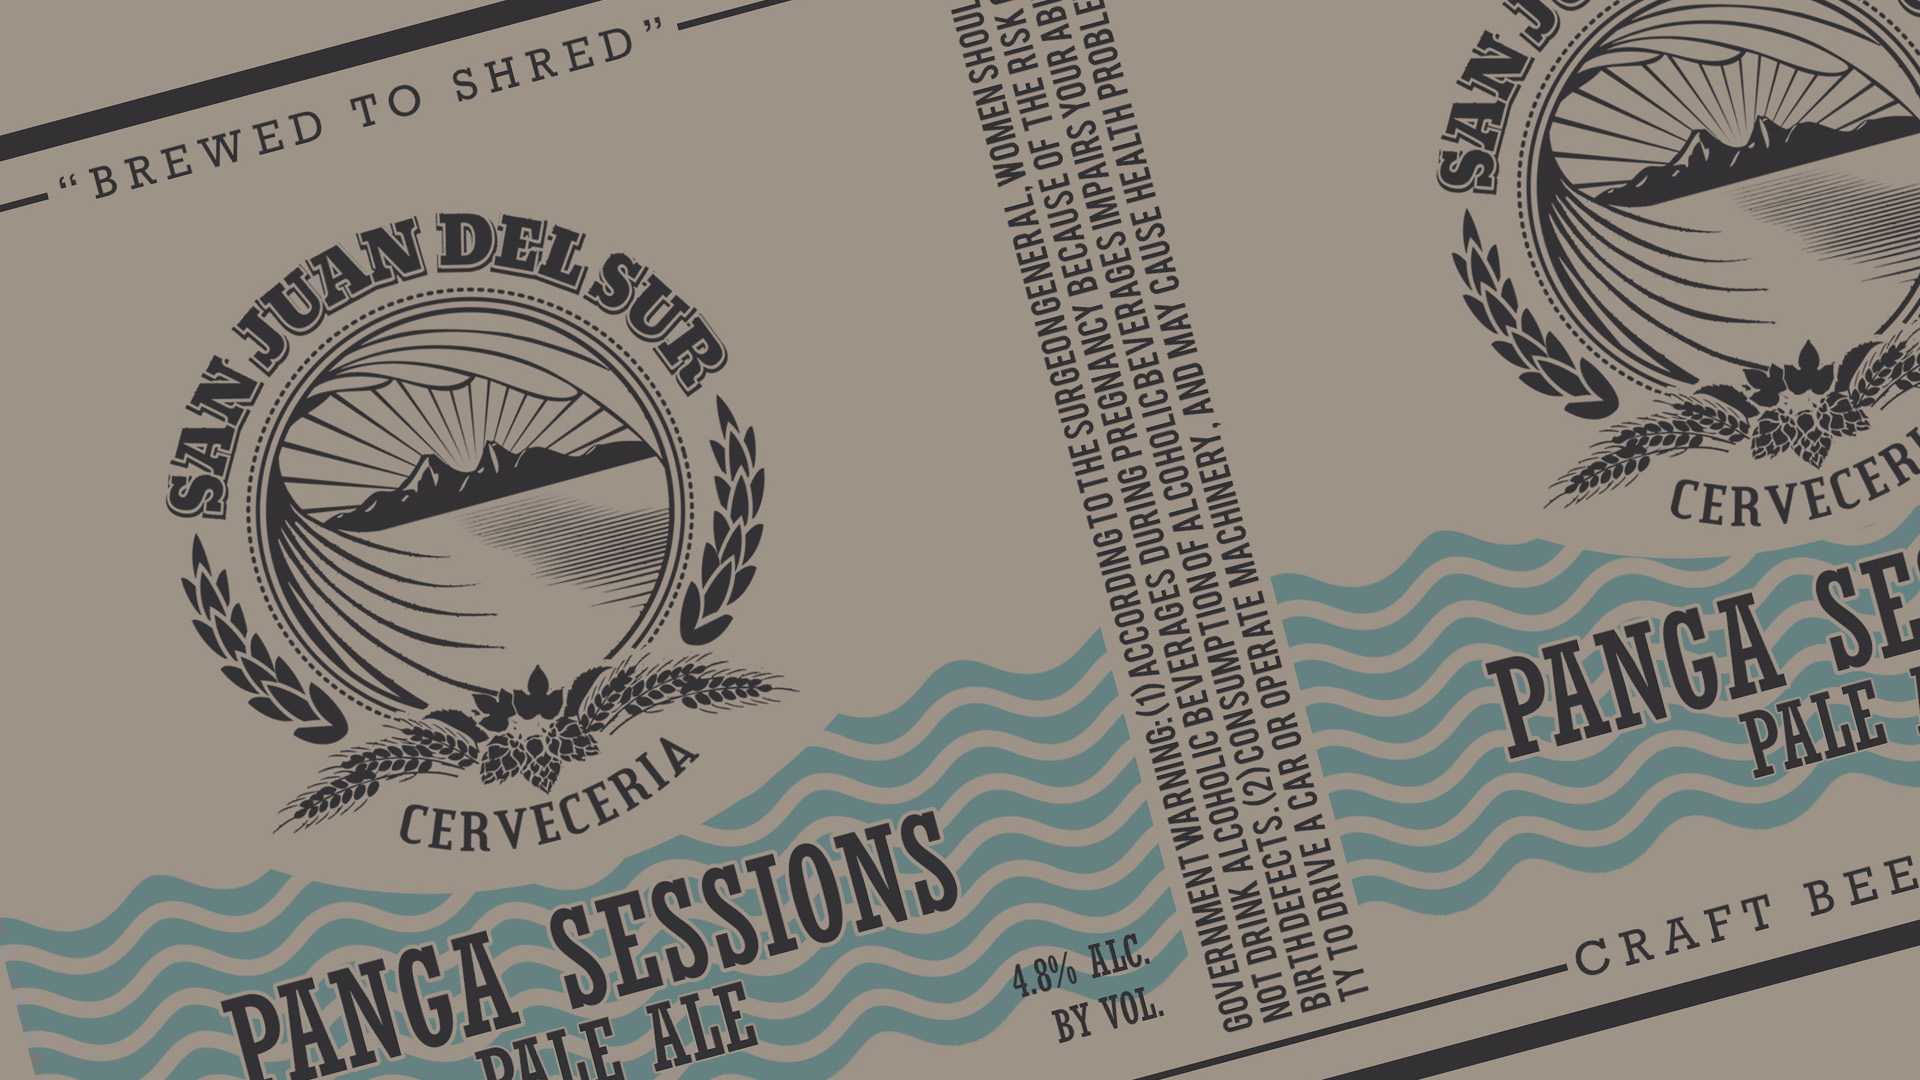 Beer Label Design, Beer Can Design, Craft Beer & Brewery Branding -